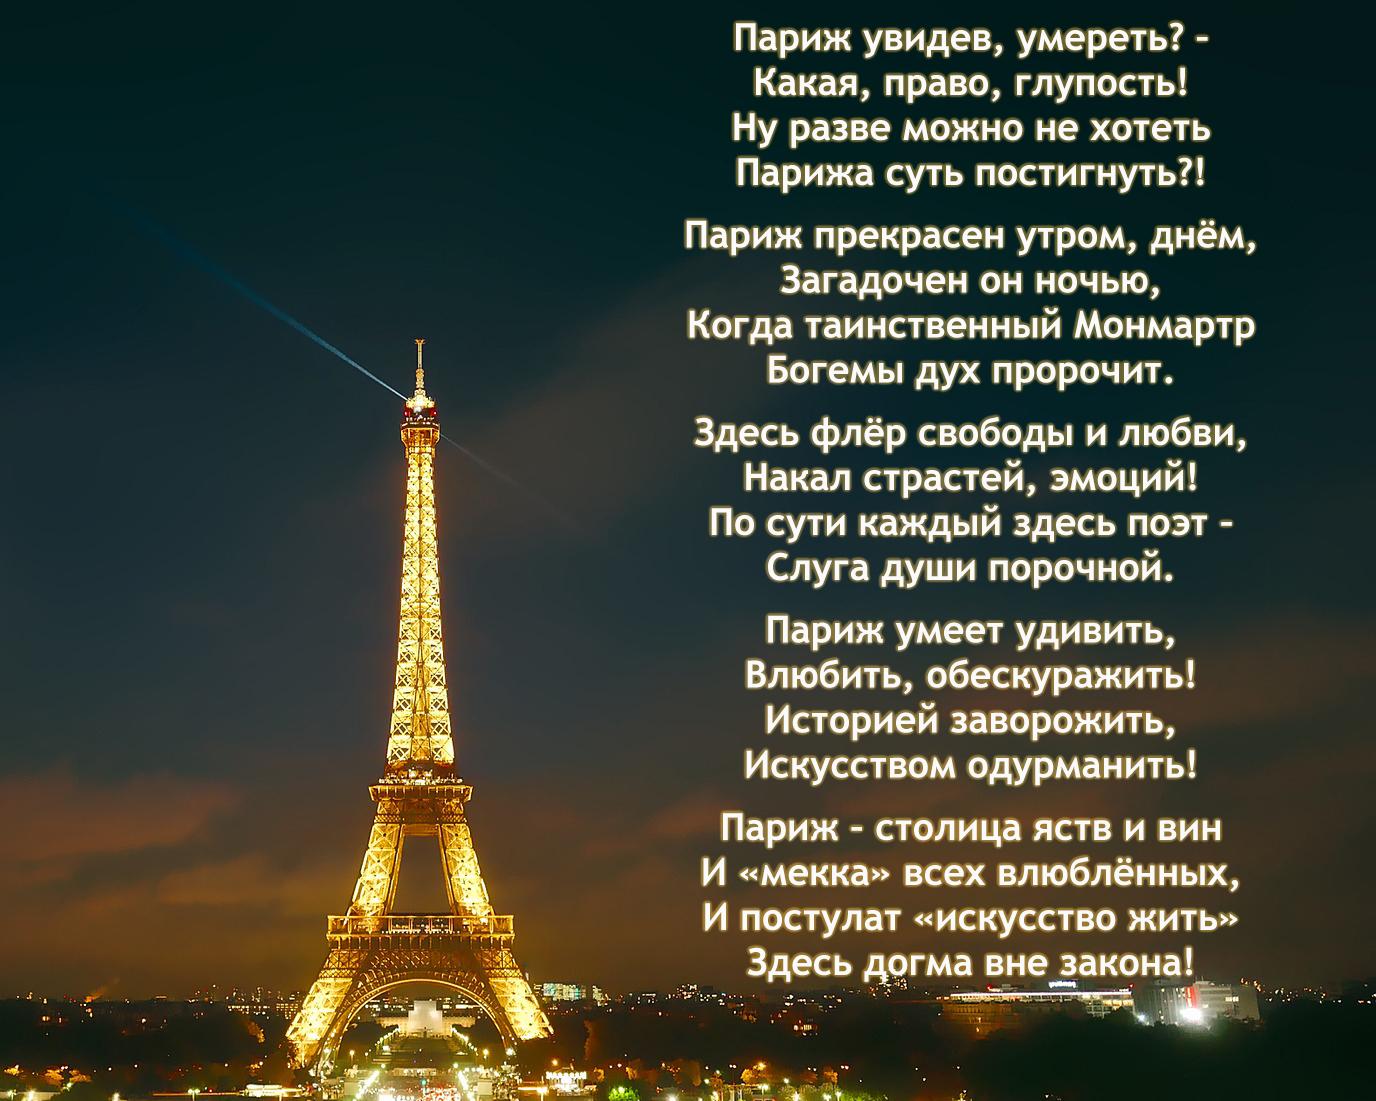 Стихотворение с картинкой про Париж